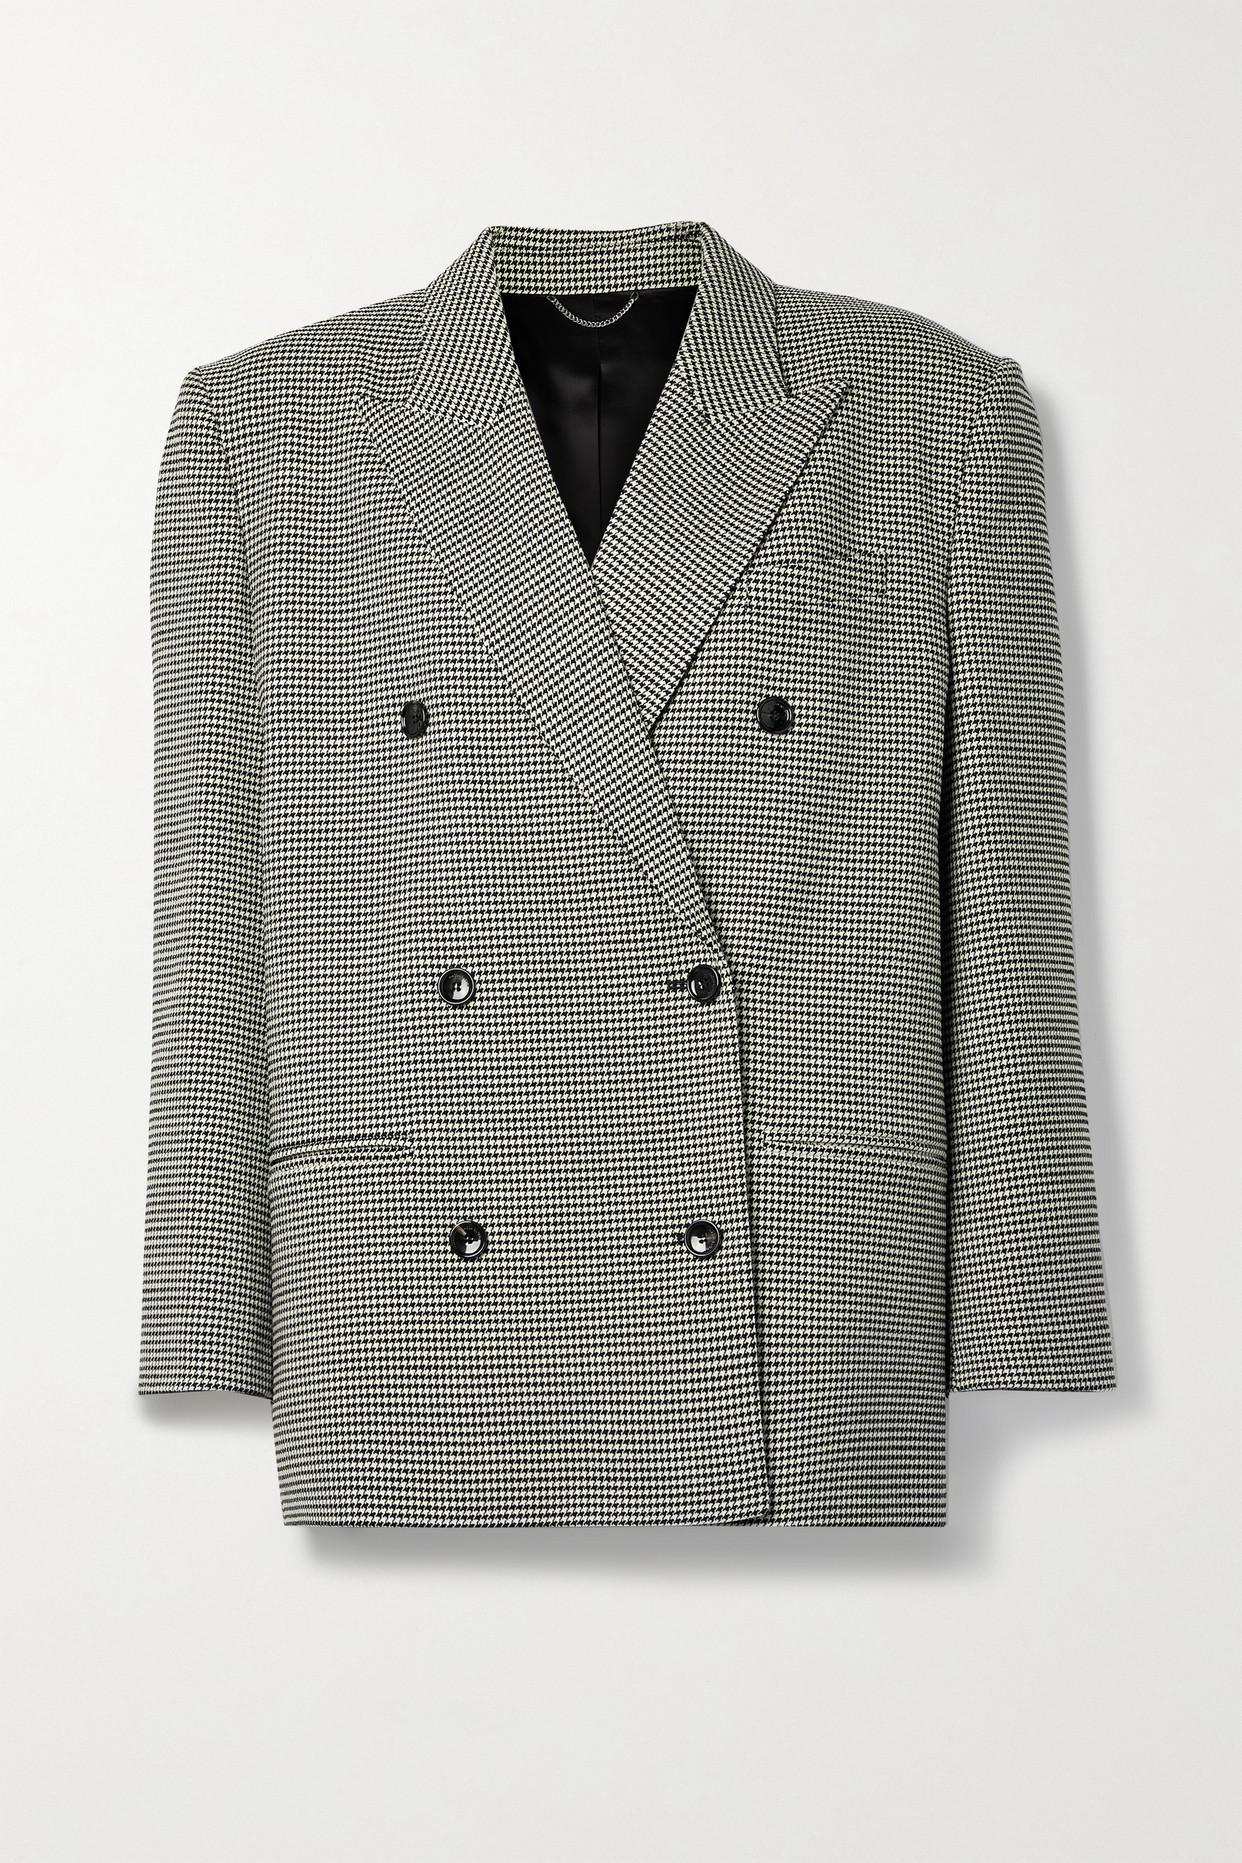 MAGDA BUTRYM - 大廓形双排扣千鸟格羊毛混纺西装外套 - 黑色 - FR38